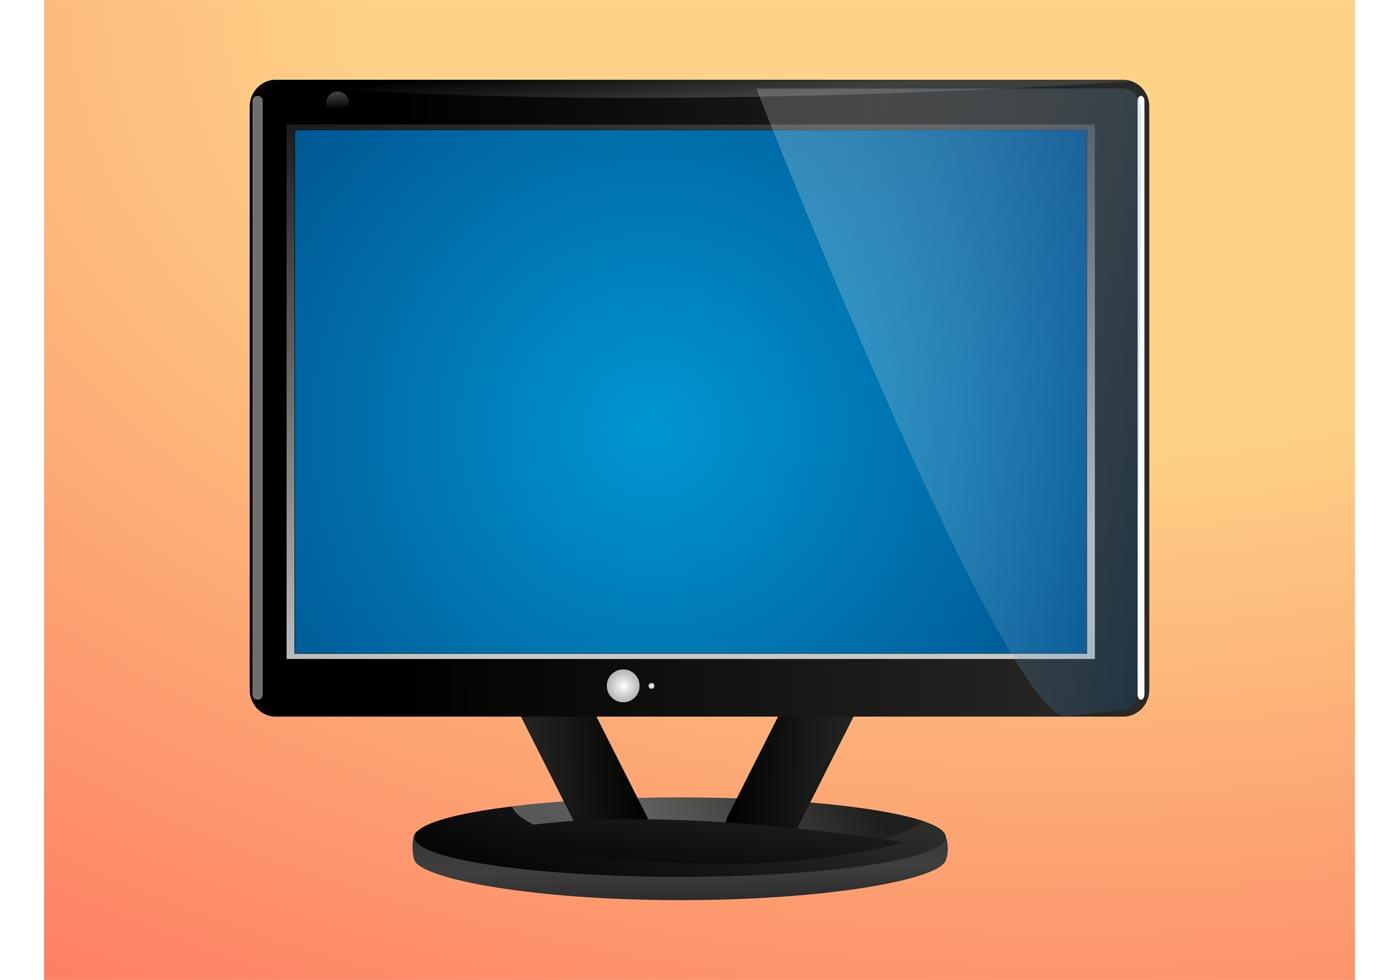 картинки для компьютерного экрана что июне каневского